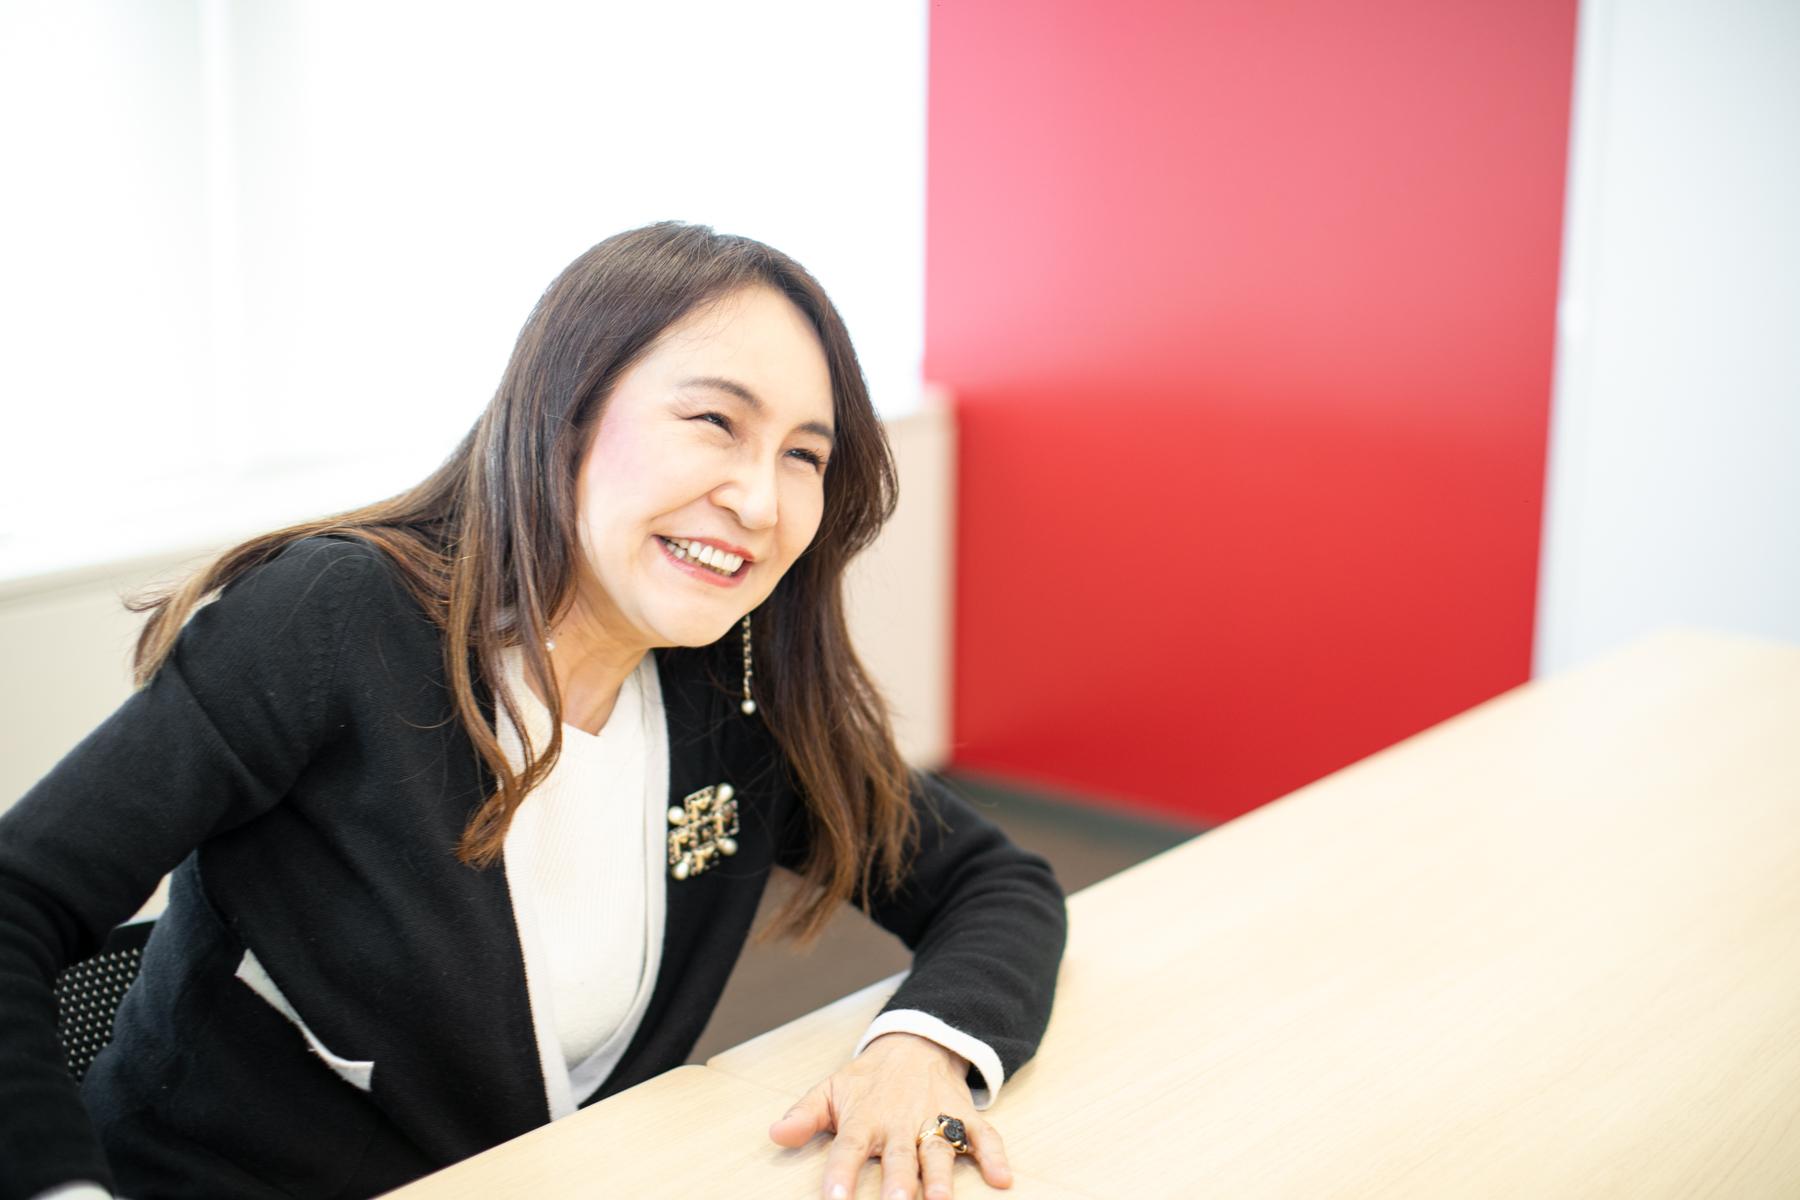 干場弓子さん笑顔2